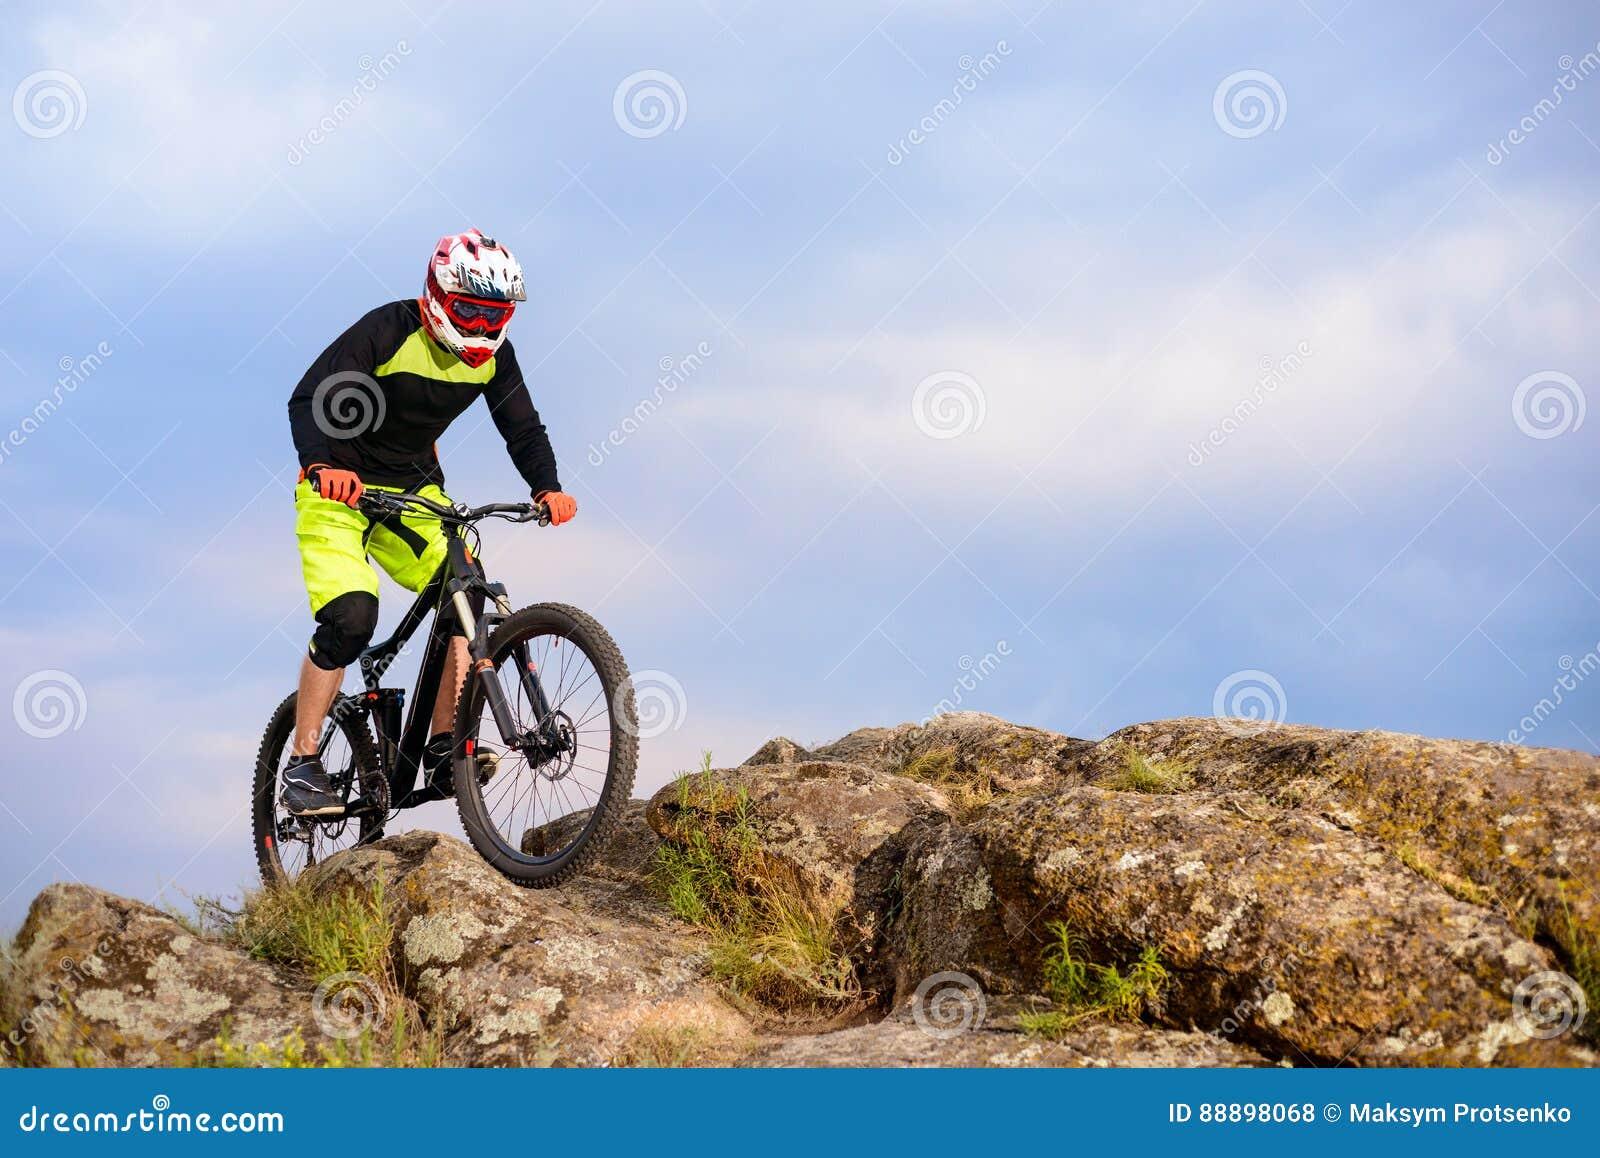 Επαγγελματικός ποδηλάτης που οδηγά το ποδήλατο στην κορυφή του βράχου Ακραία αθλητική έννοια Διάστημα για το κείμενο